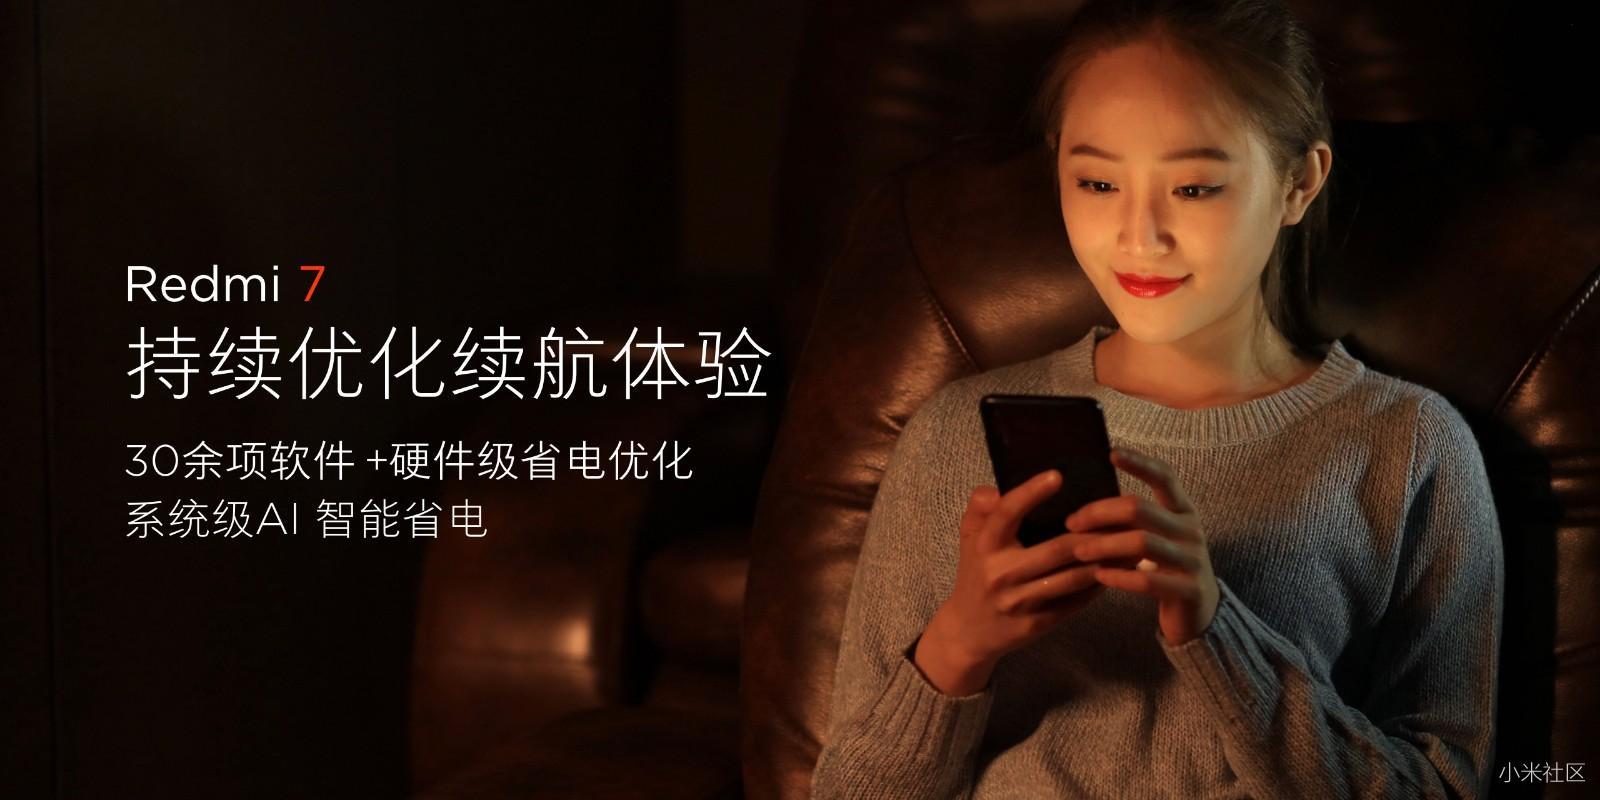 Redmi Note 7 / Redmi 7 马来西亚发布,定于3月27日发售,最低RM499起 78